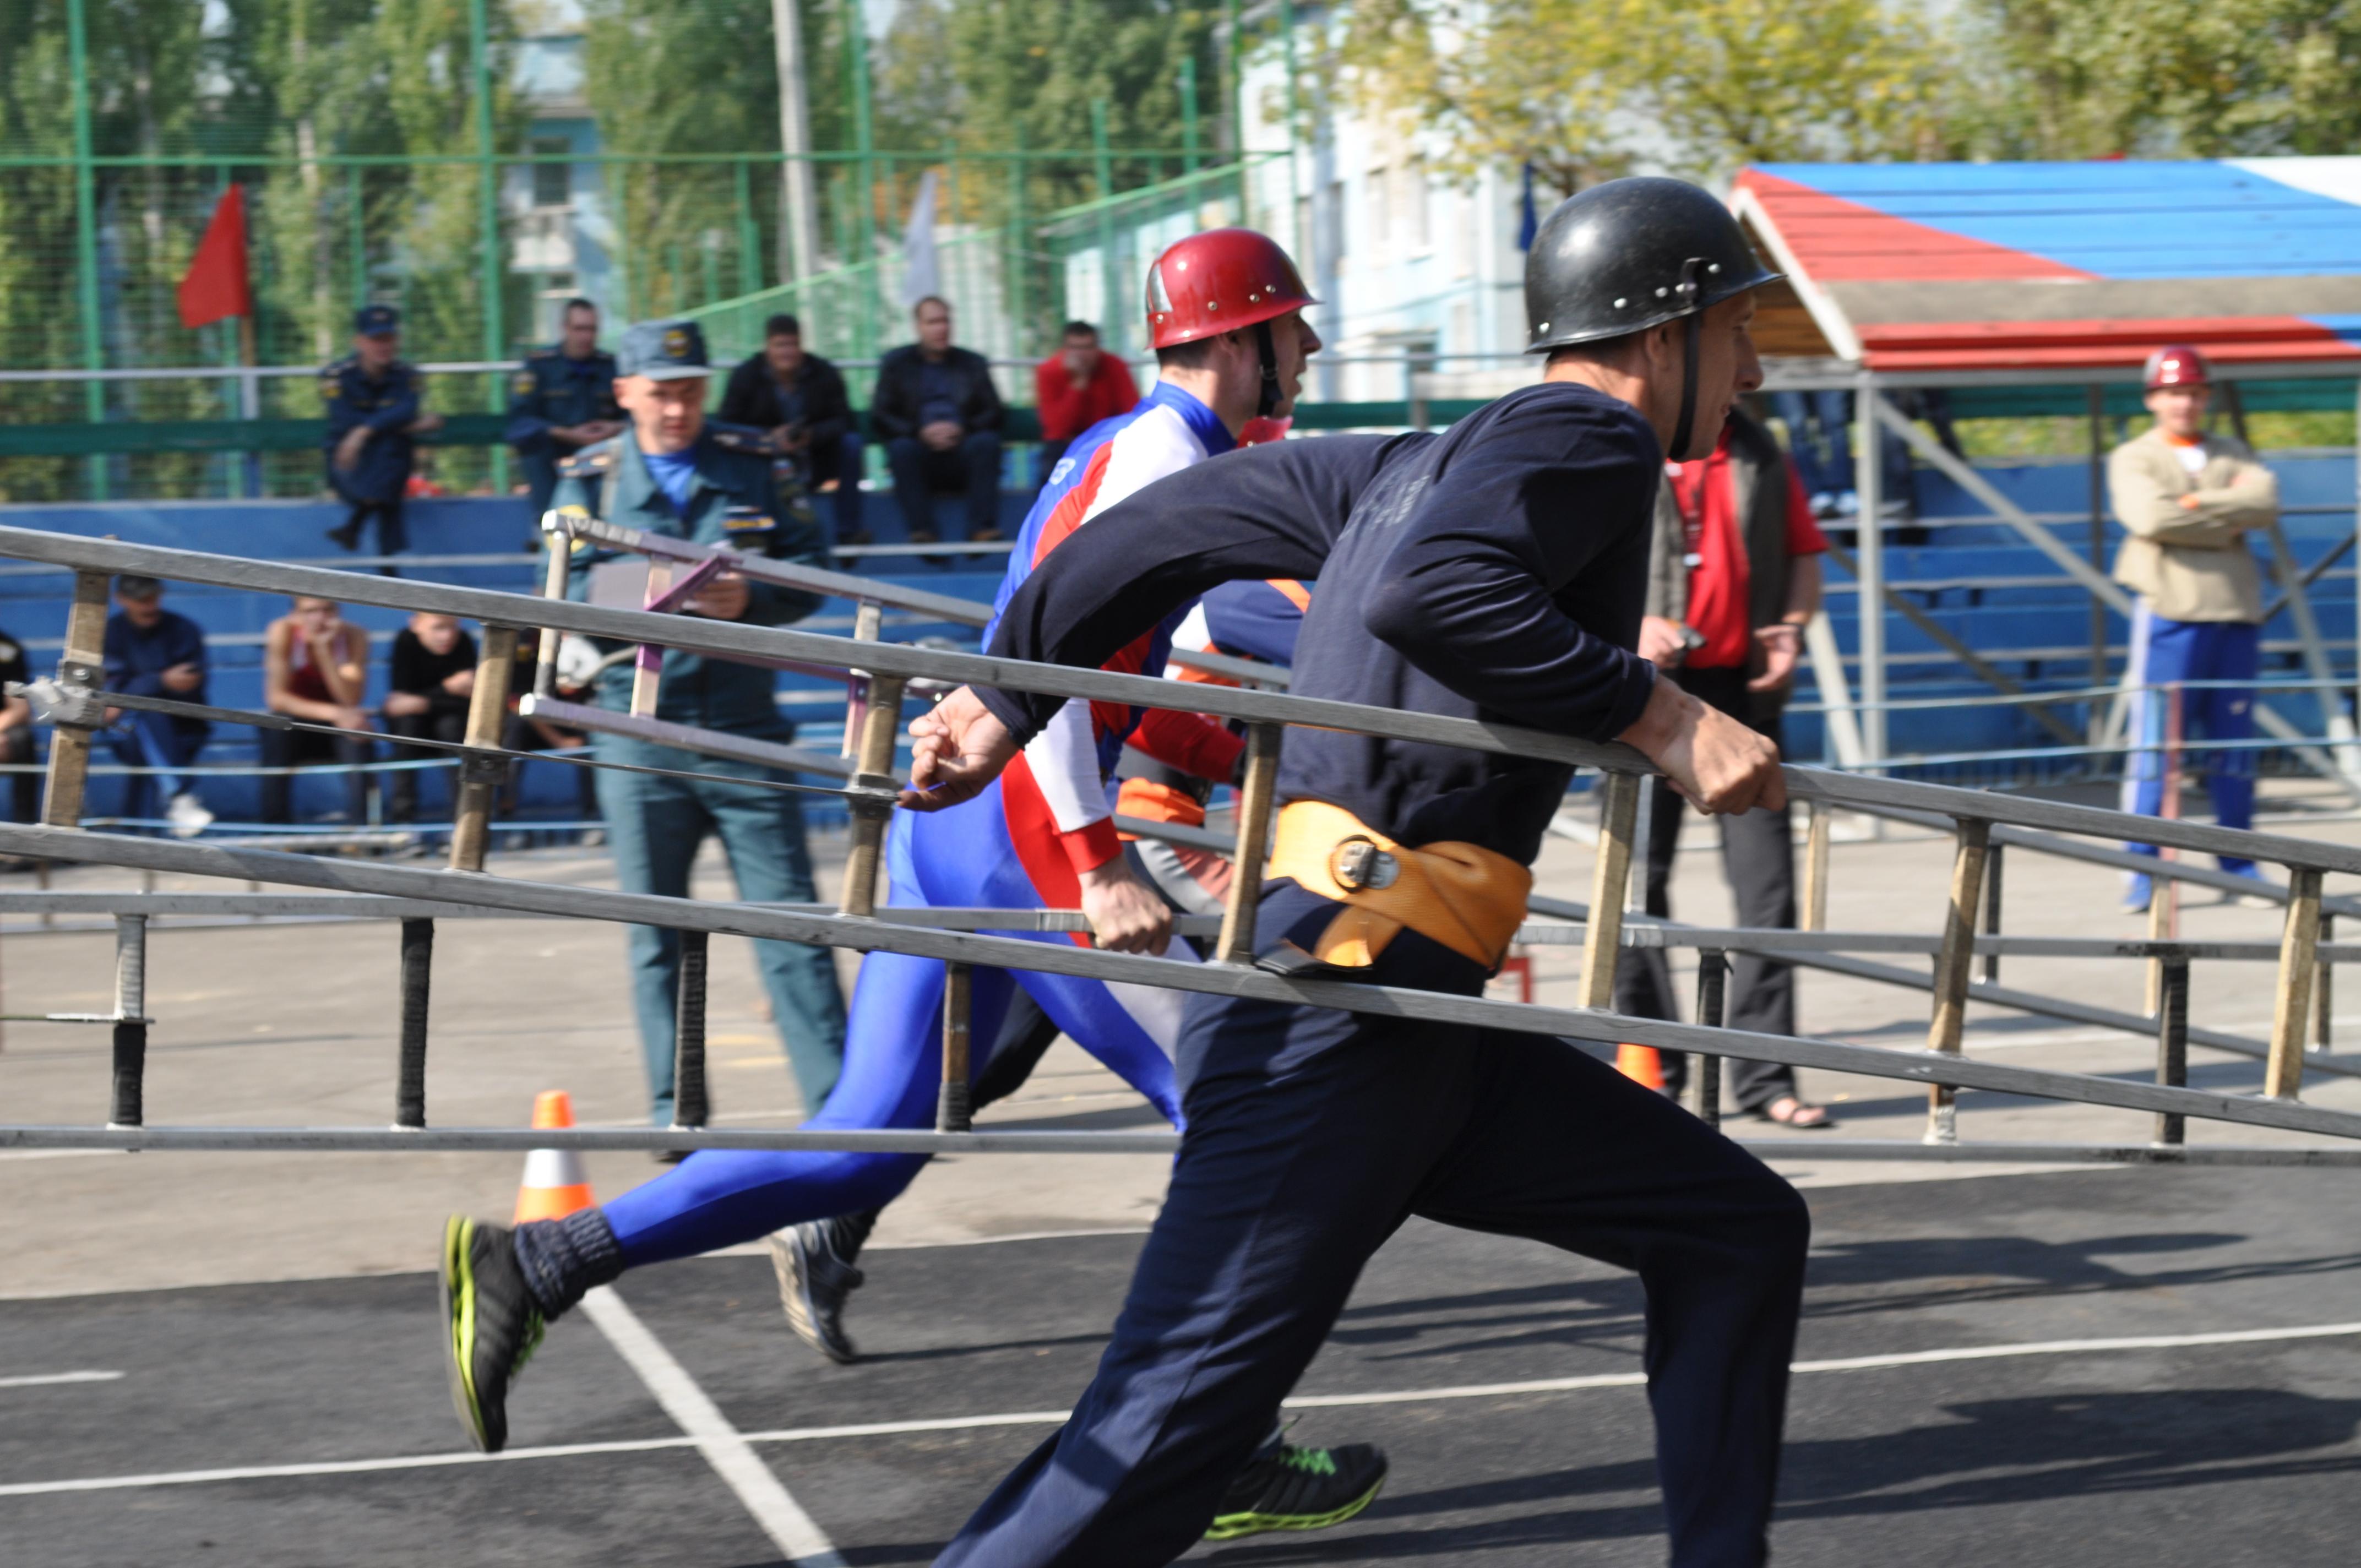 мачо пожарно-прикладной спорт поздравления самбо пусть